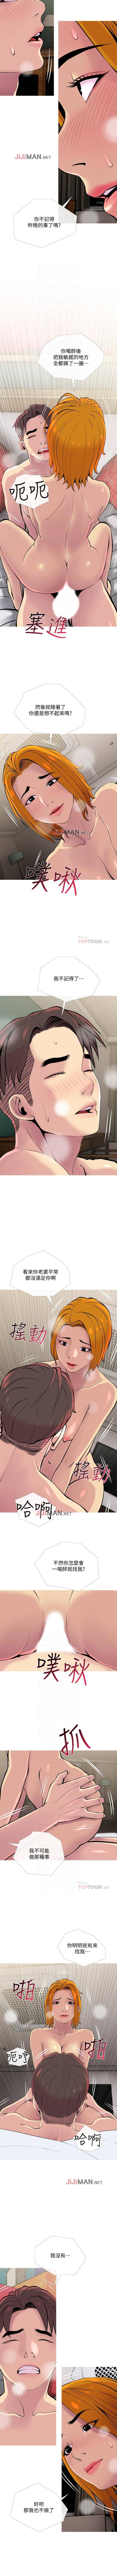 【周五连载】主妇危机(作者:查爾斯&漢水) 第1~26话 122